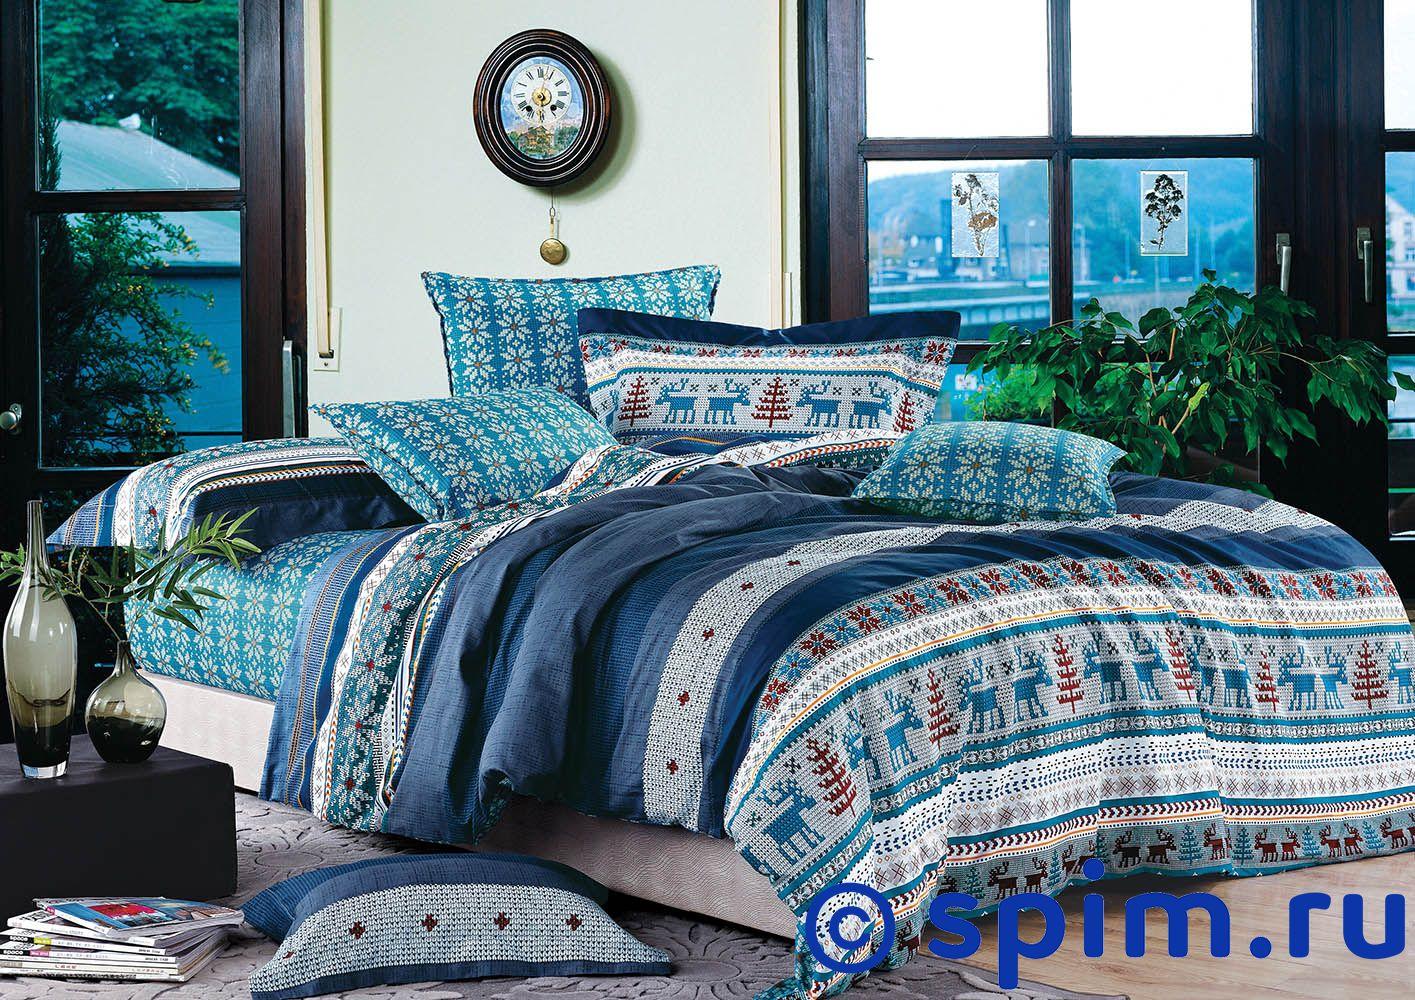 Комплект Scandy Primavelle 2 спальное